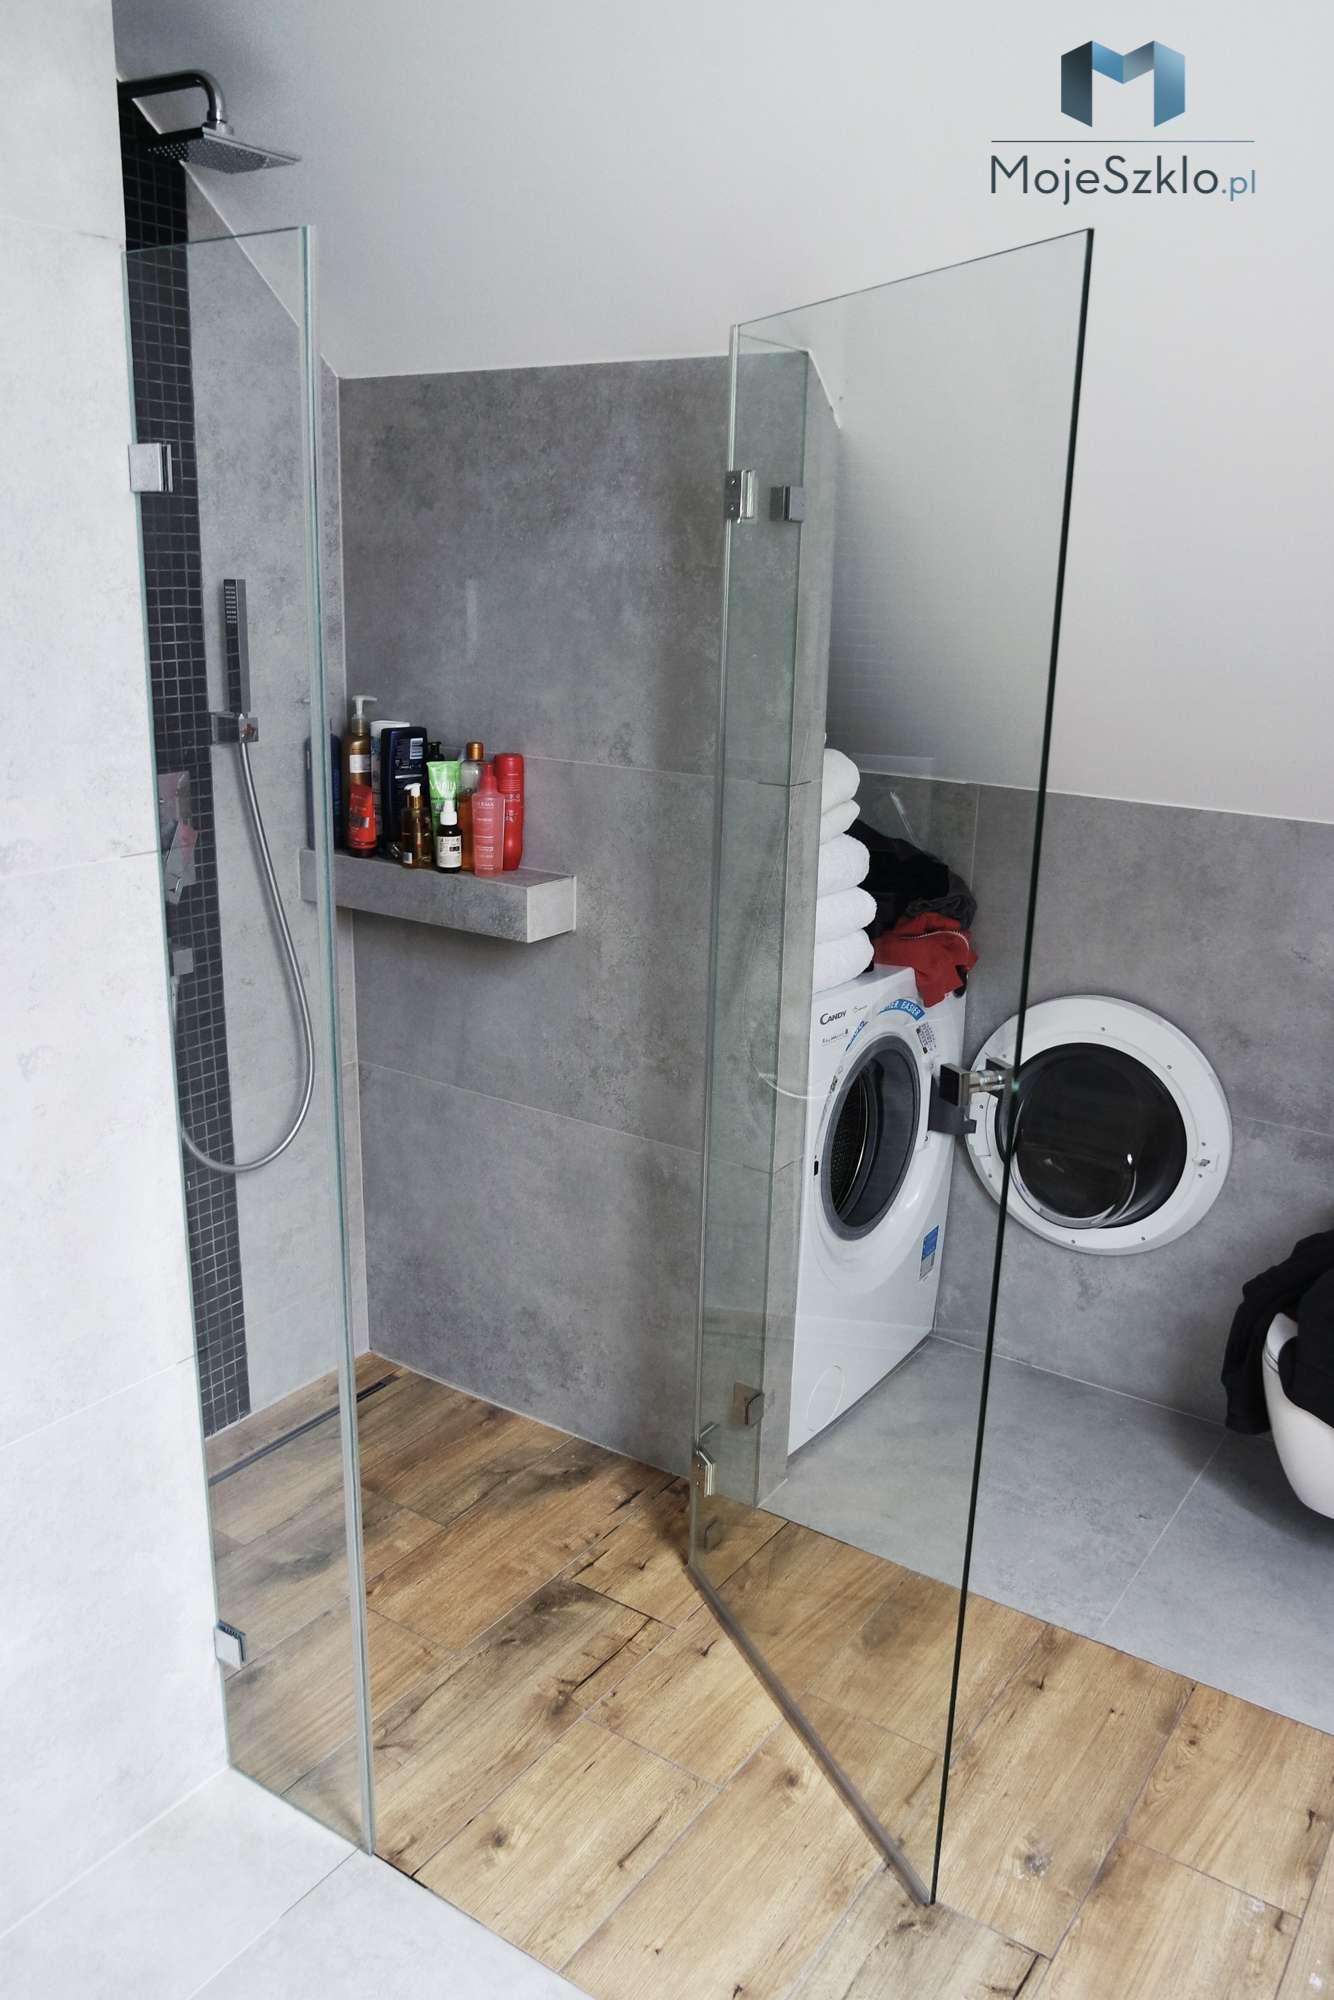 Wnekowa Kabina Prysznicowa Trzyelementowa - Kabiny prysznicowe wnękowe na wymiar